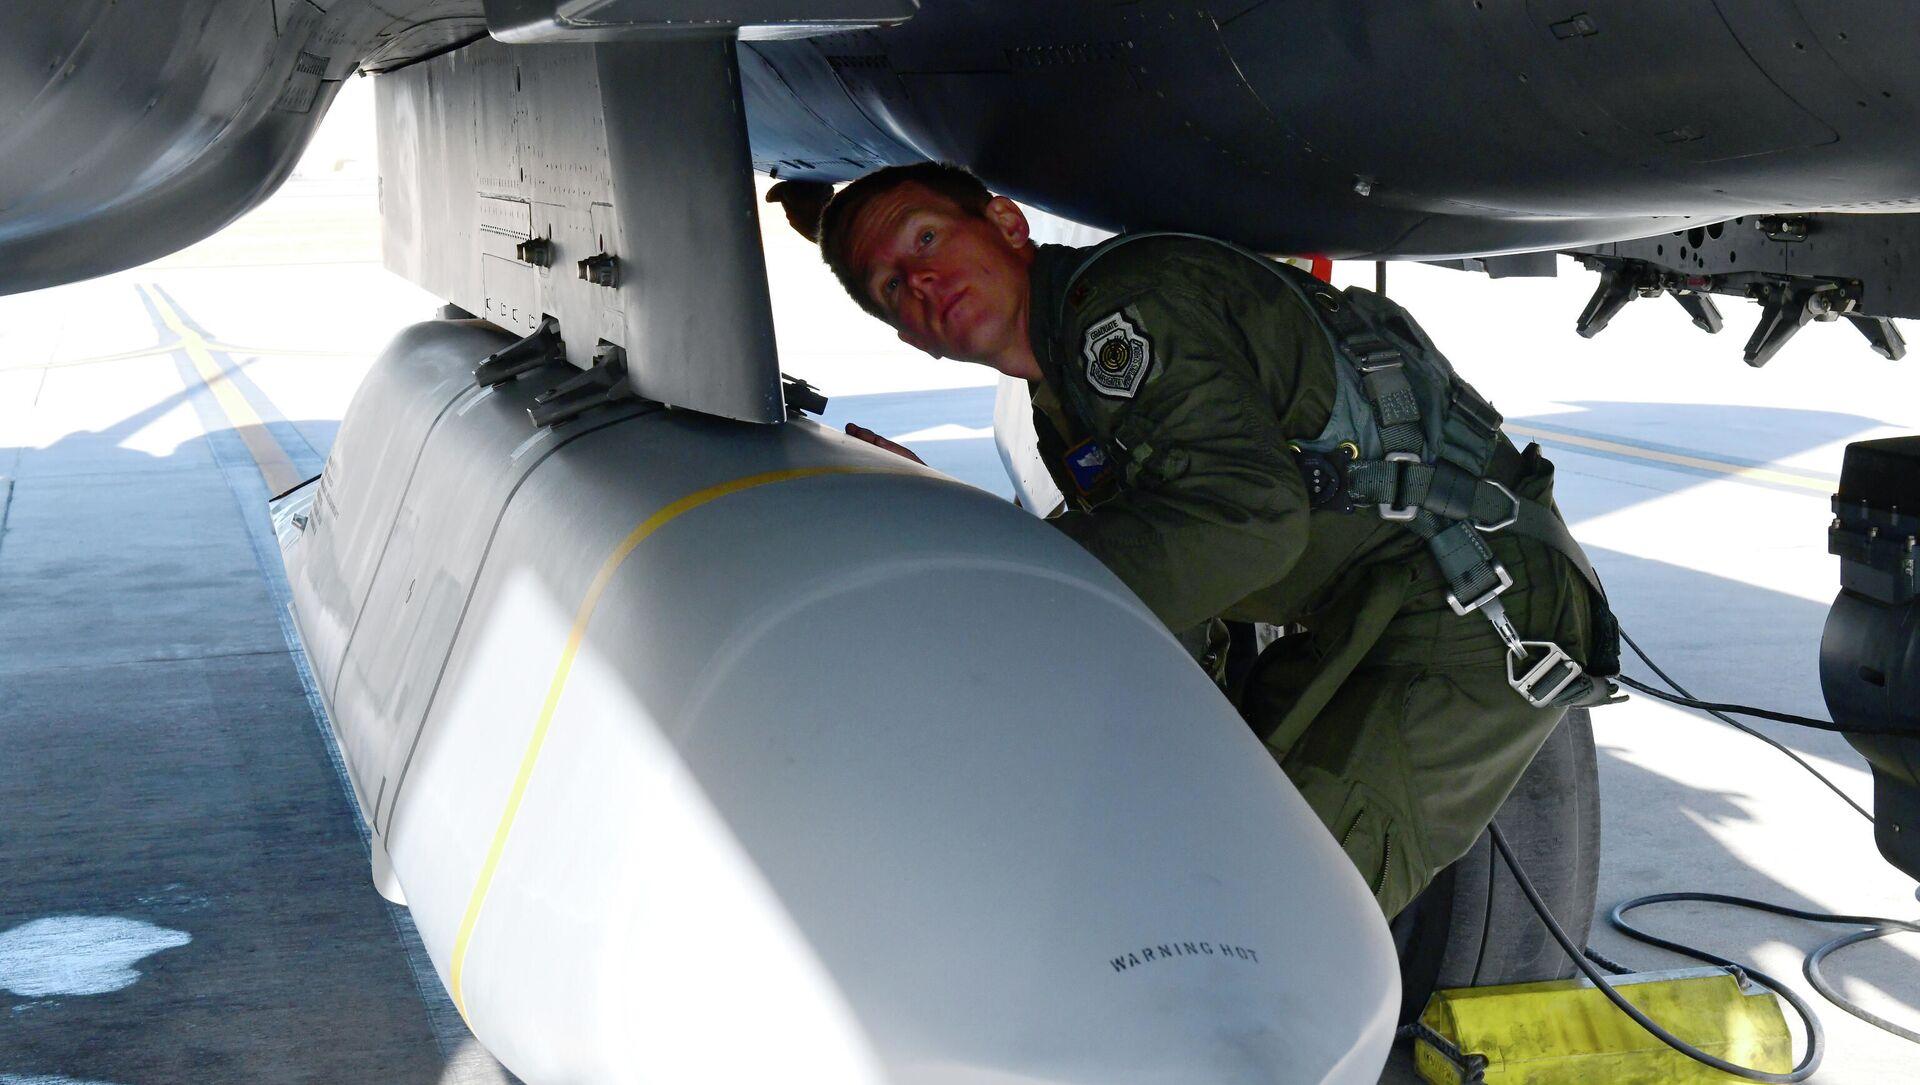 Tên lửa AGM-158B JASSM-ER, được lắp đặt trên máy bay chiến đấu F-15E Không quân Hoa Kỳ - Sputnik Việt Nam, 1920, 28.09.2021